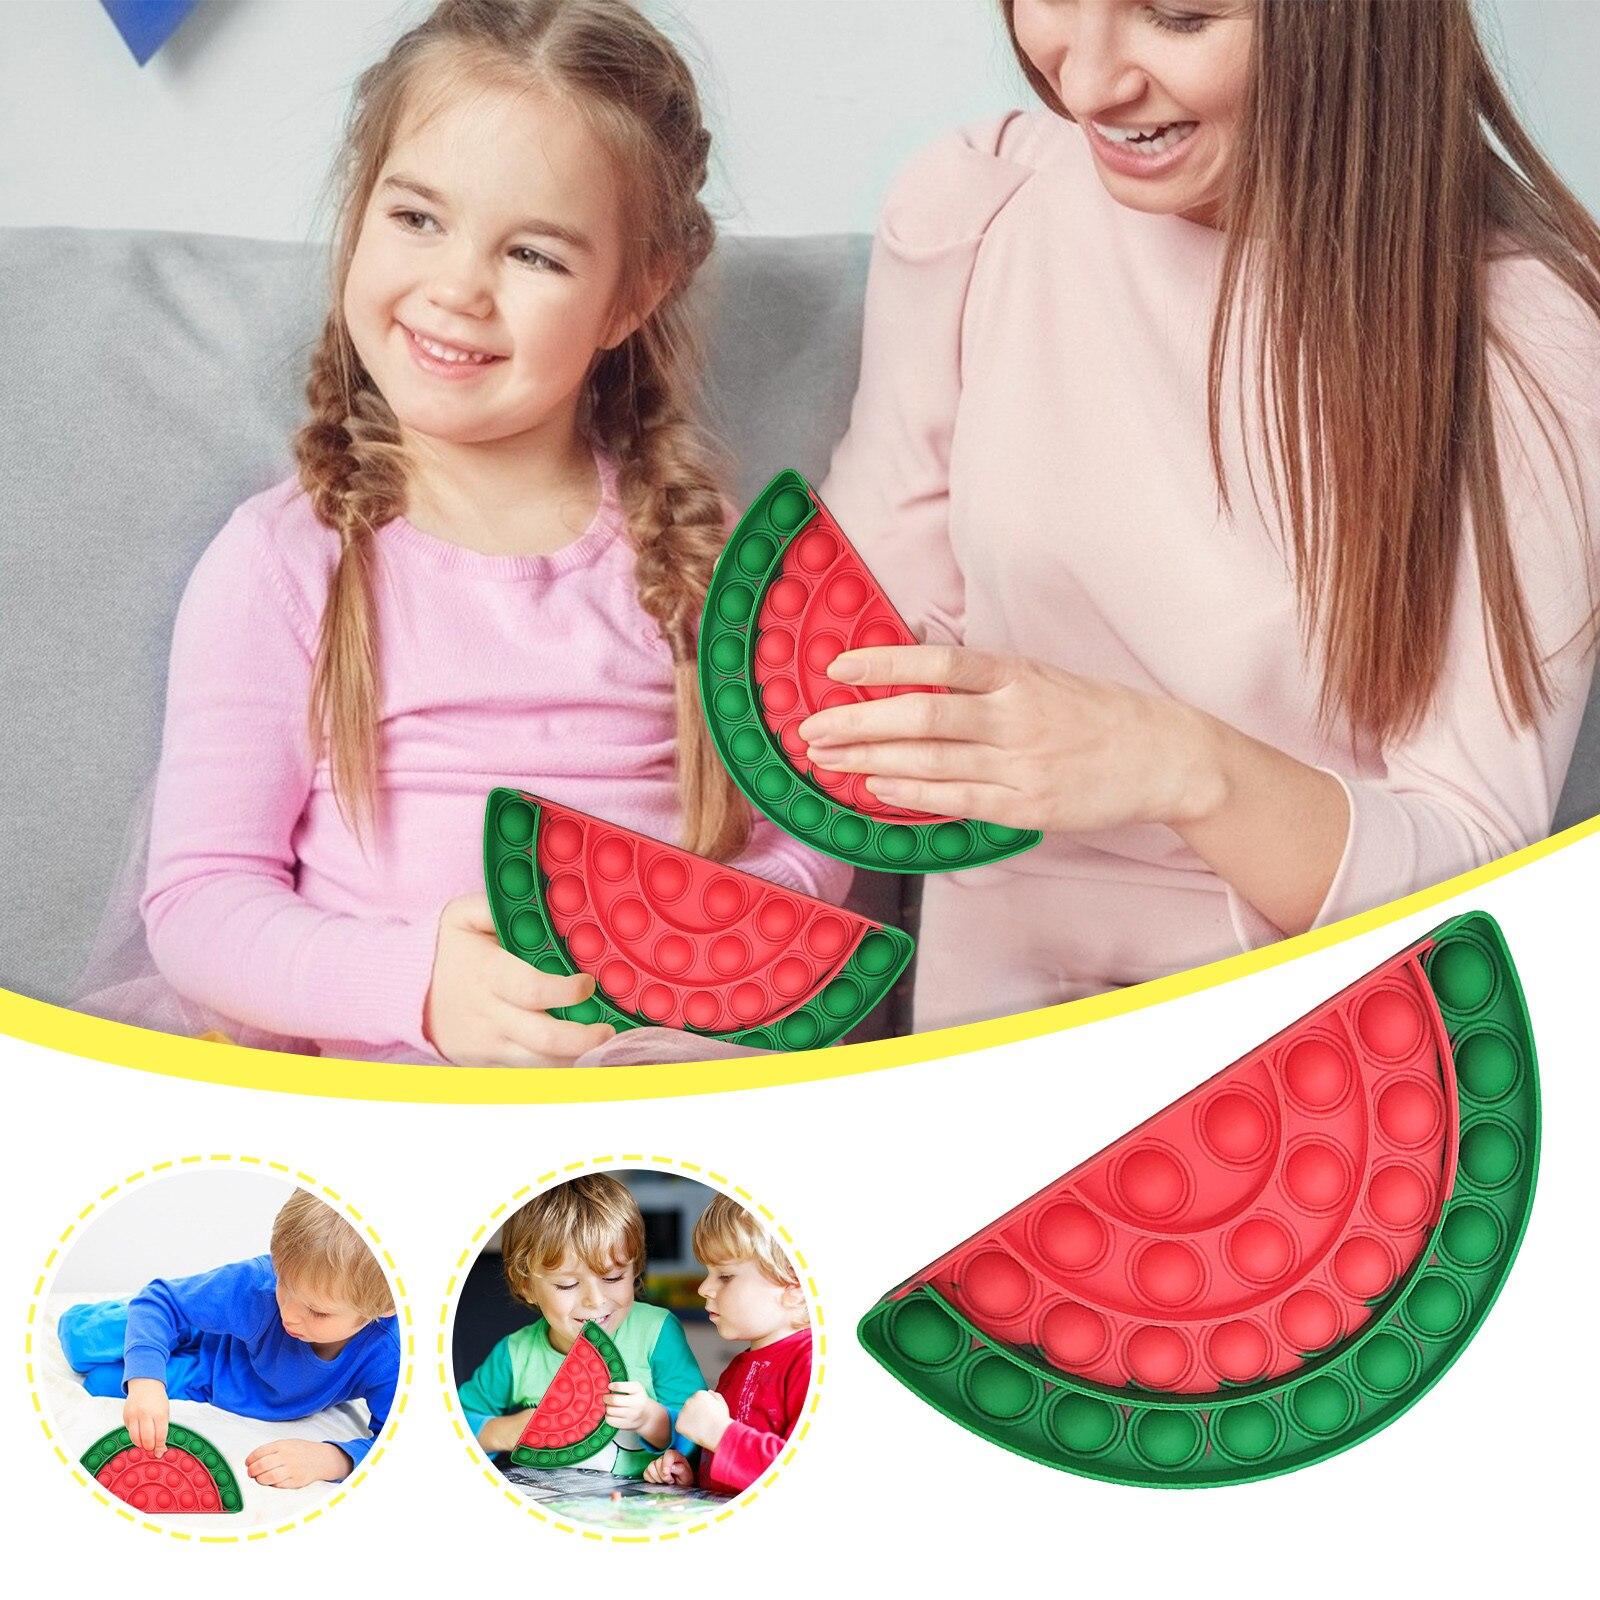 Игрушки-антистресс, арбуз, пресс-пузыри, музыка, для детей и взрослых, настольные развивающие игрушки, интерактивная игра для родителей и де...